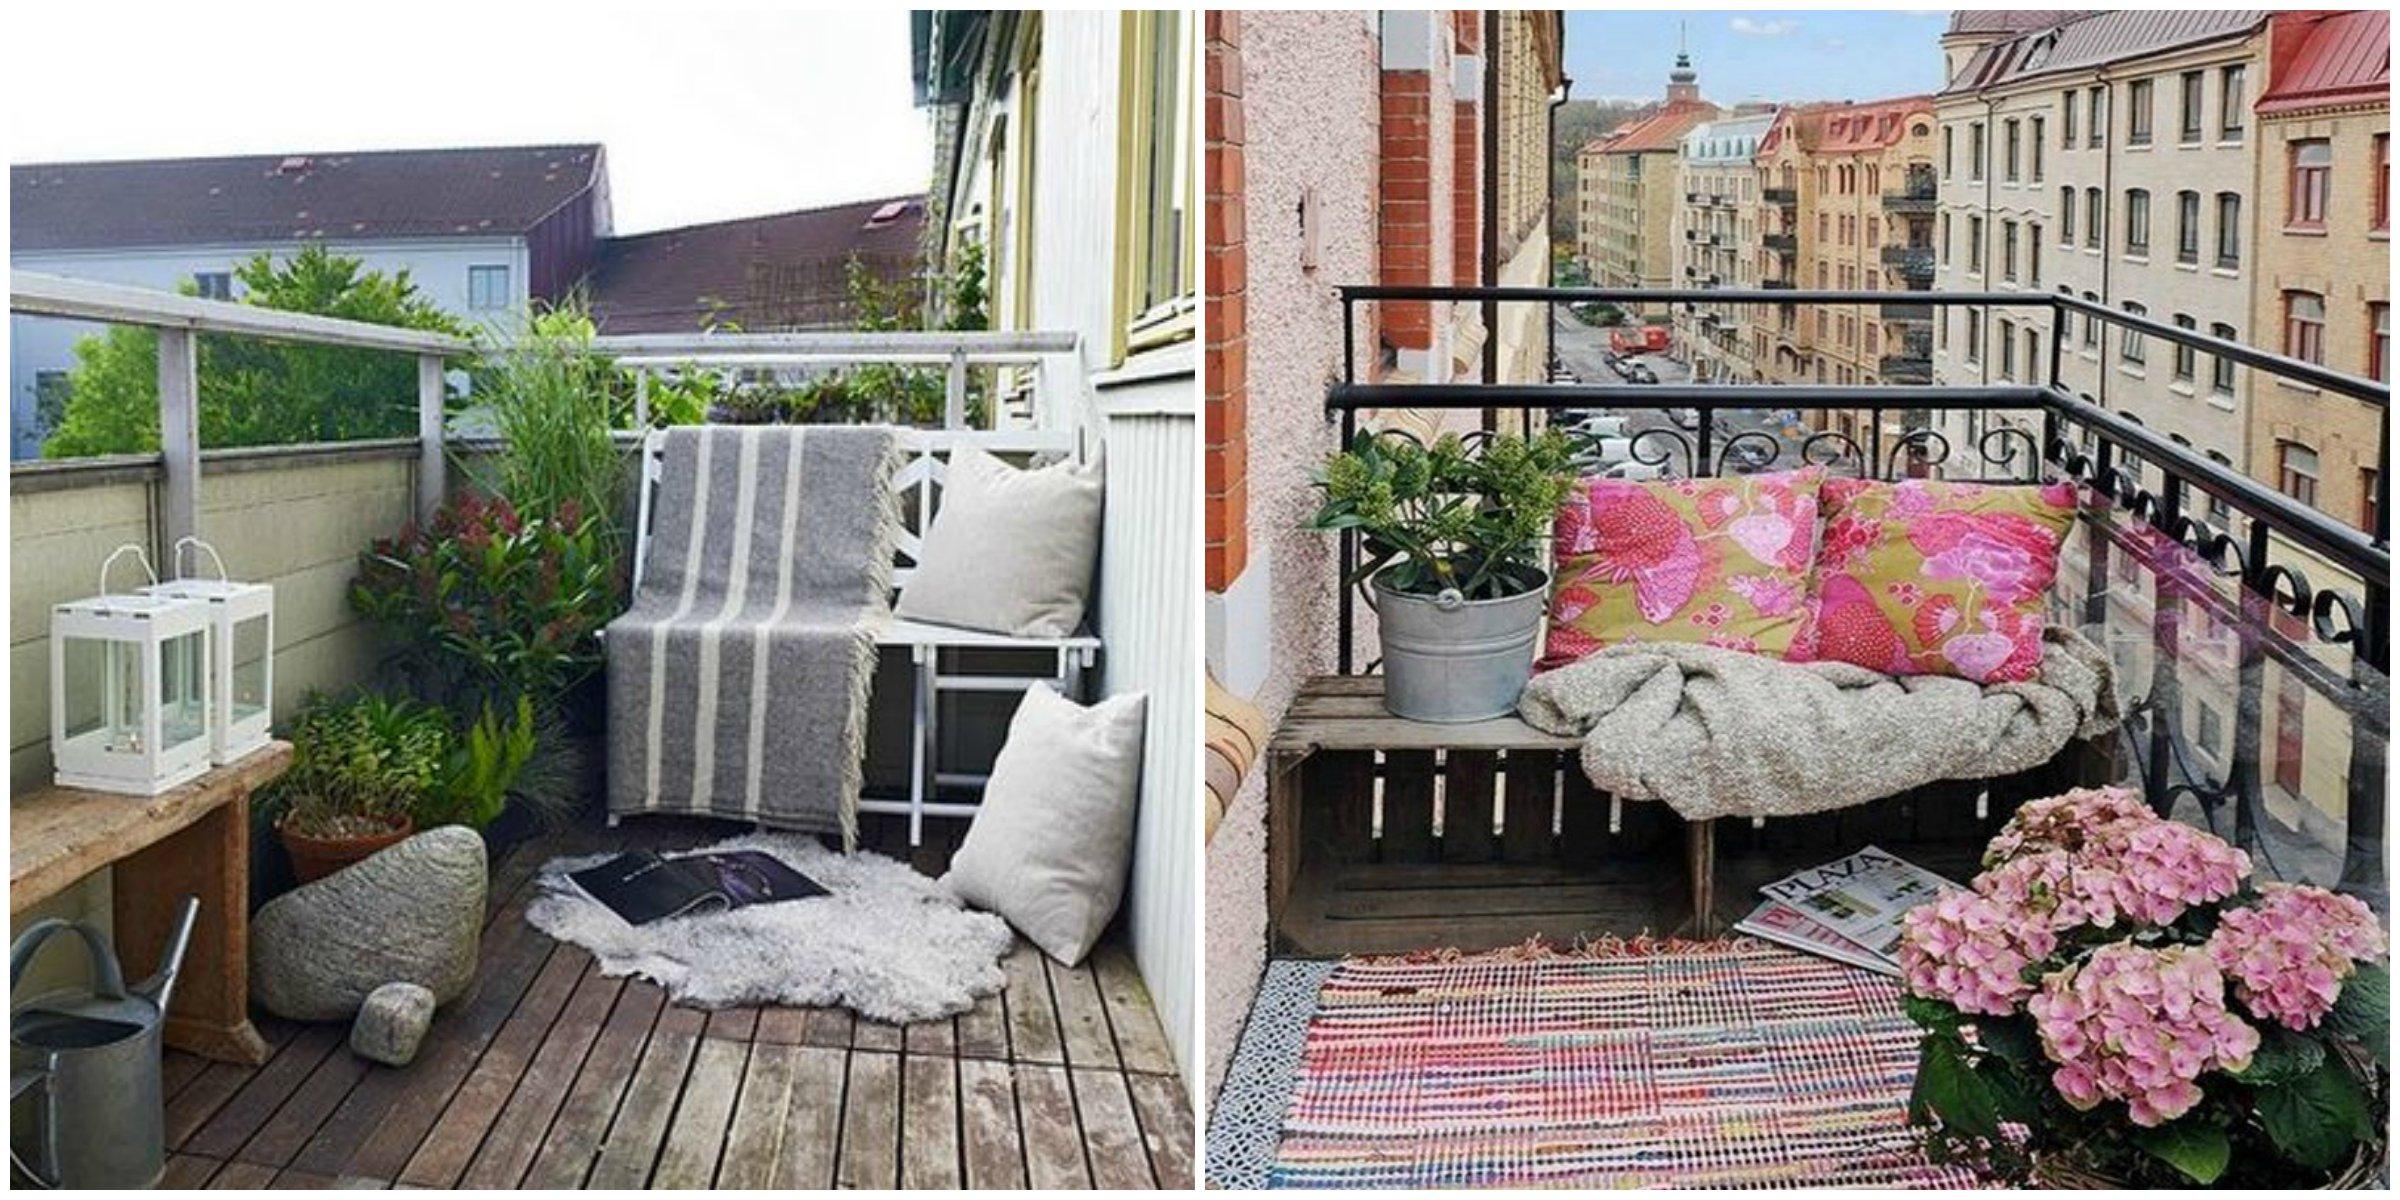 Inspiring Balcony Designing Tips